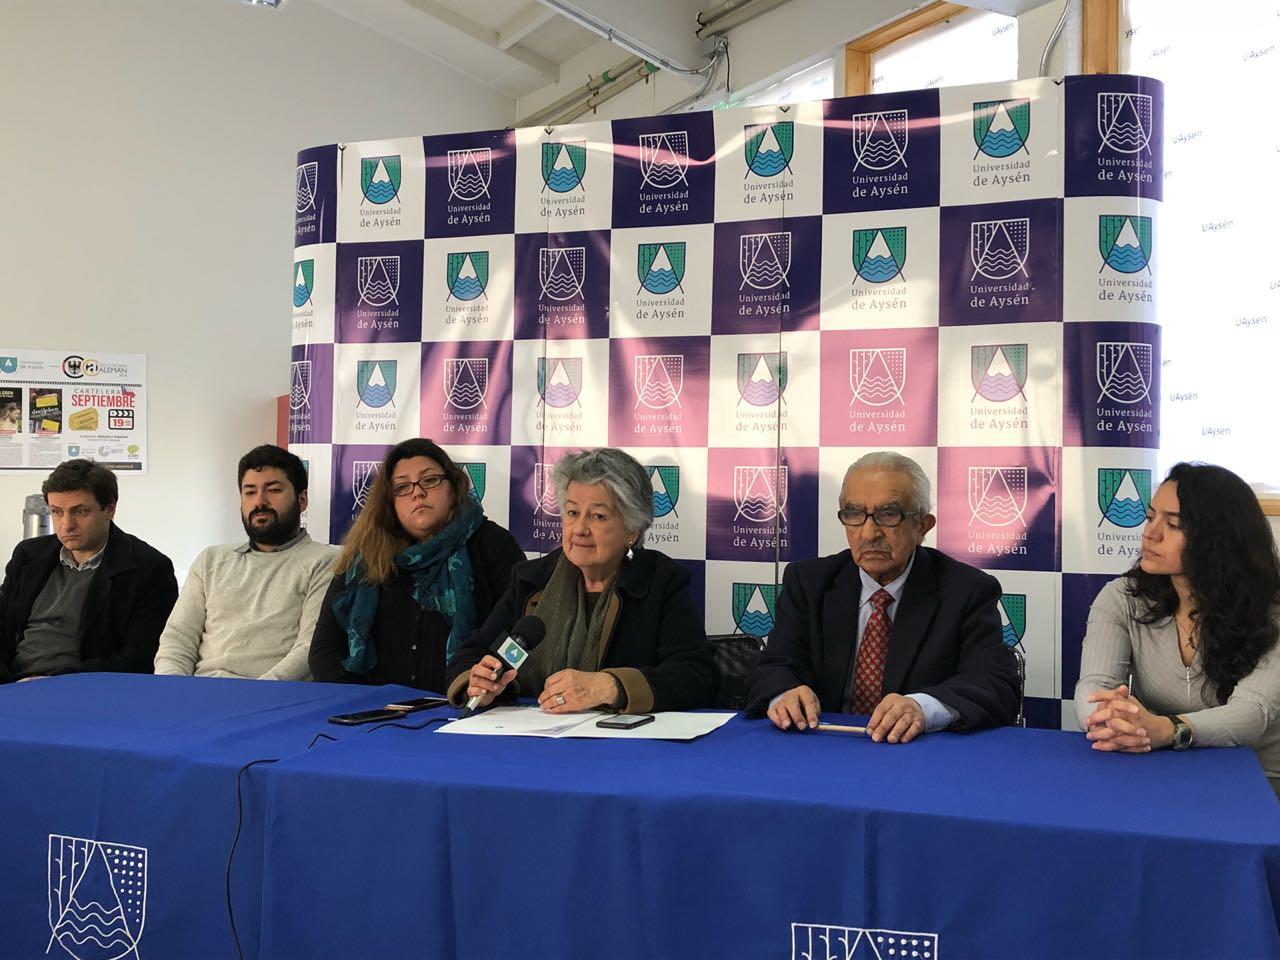 Universidad de Aysén apuesta por el desarrollo de la investigación e invierte 430 millones en equipamiento científico